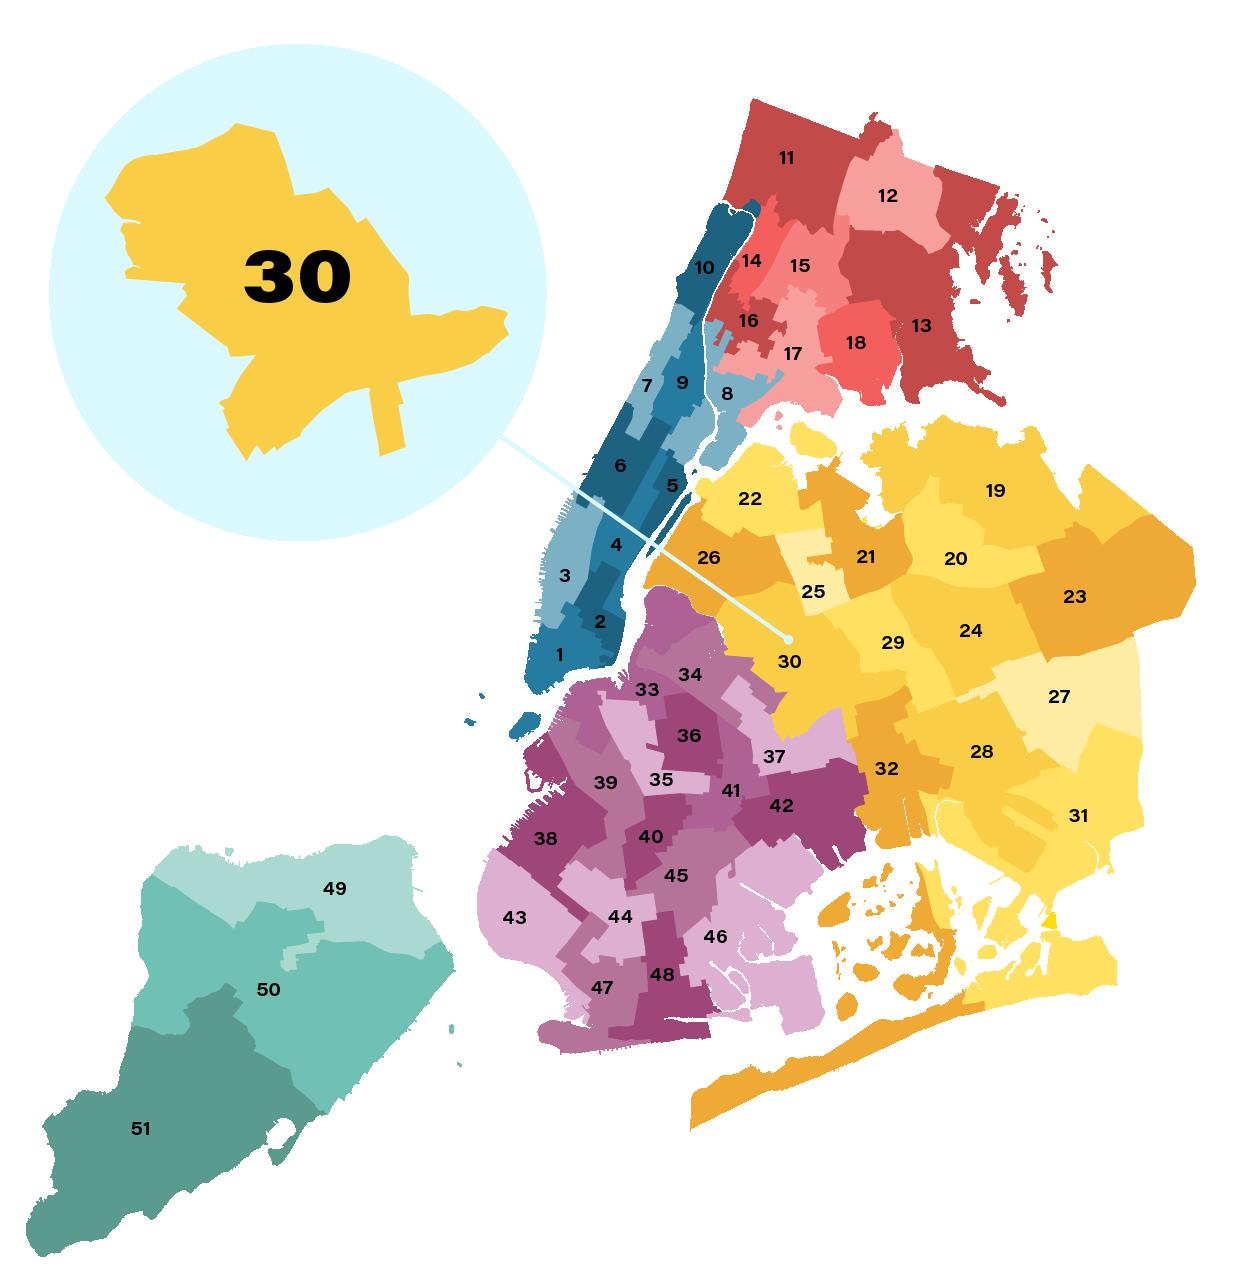 City Council District 30